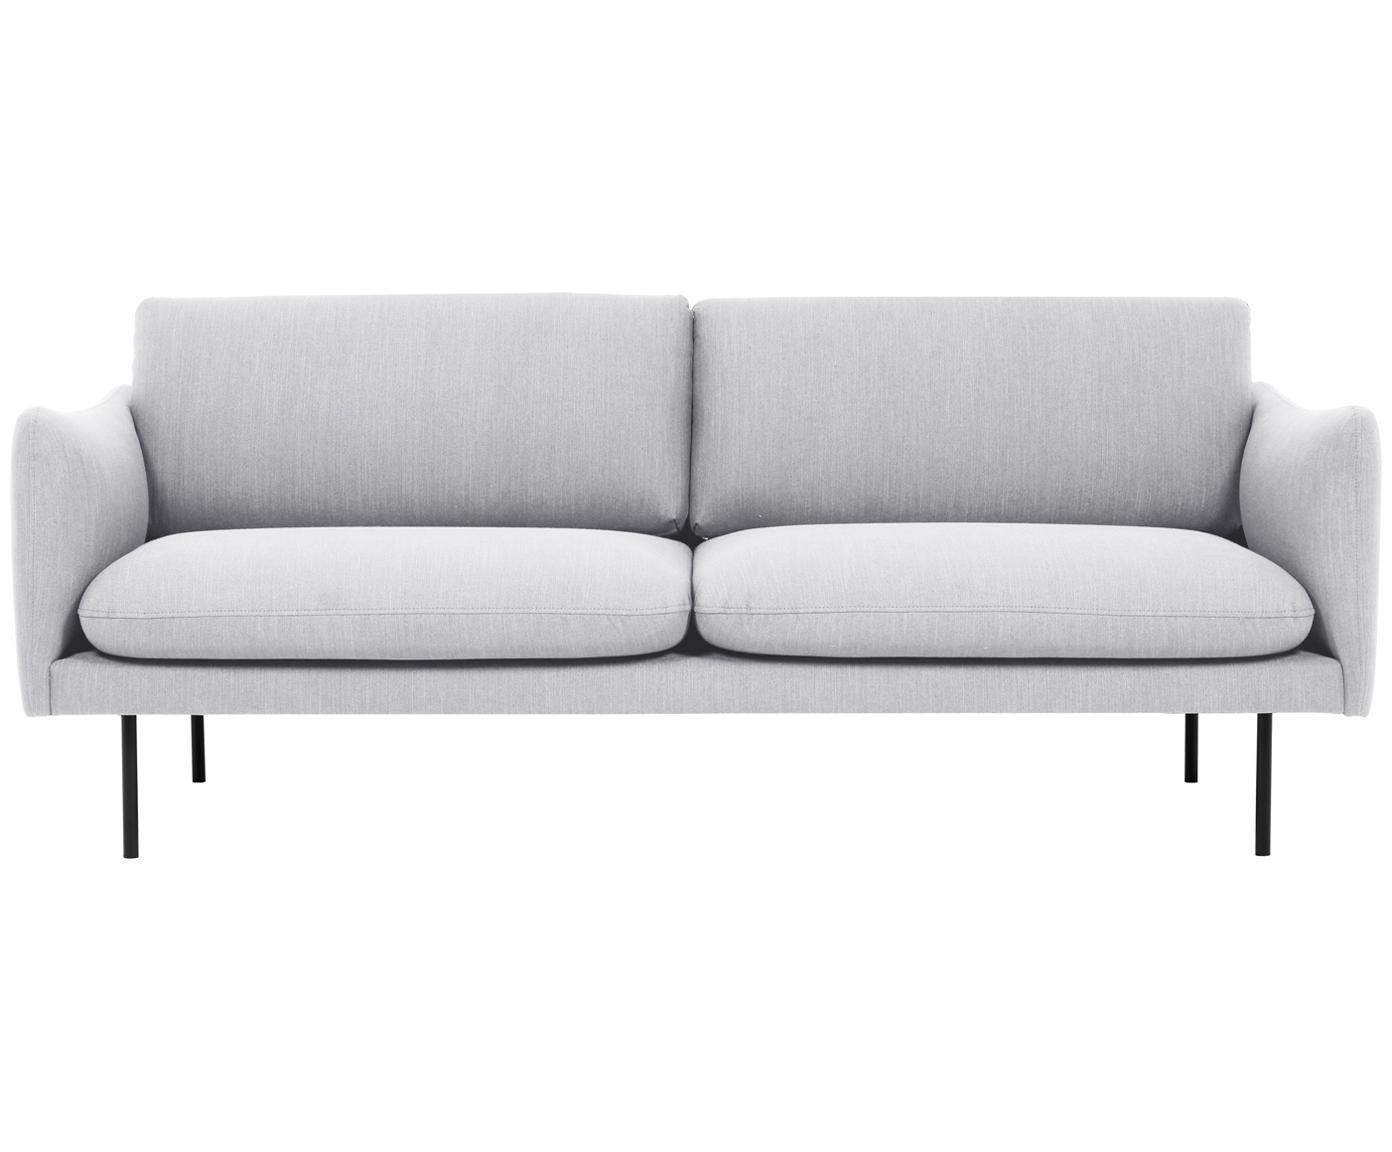 Sofa Moby (2-Sitzer), Bezug: Polyester 60.000 Scheuert, Gestell: Massives Kiefernholz, Füße: Metall, pulverbeschichtet, Webstoff Hellgrau, B 170 x T 95 cm